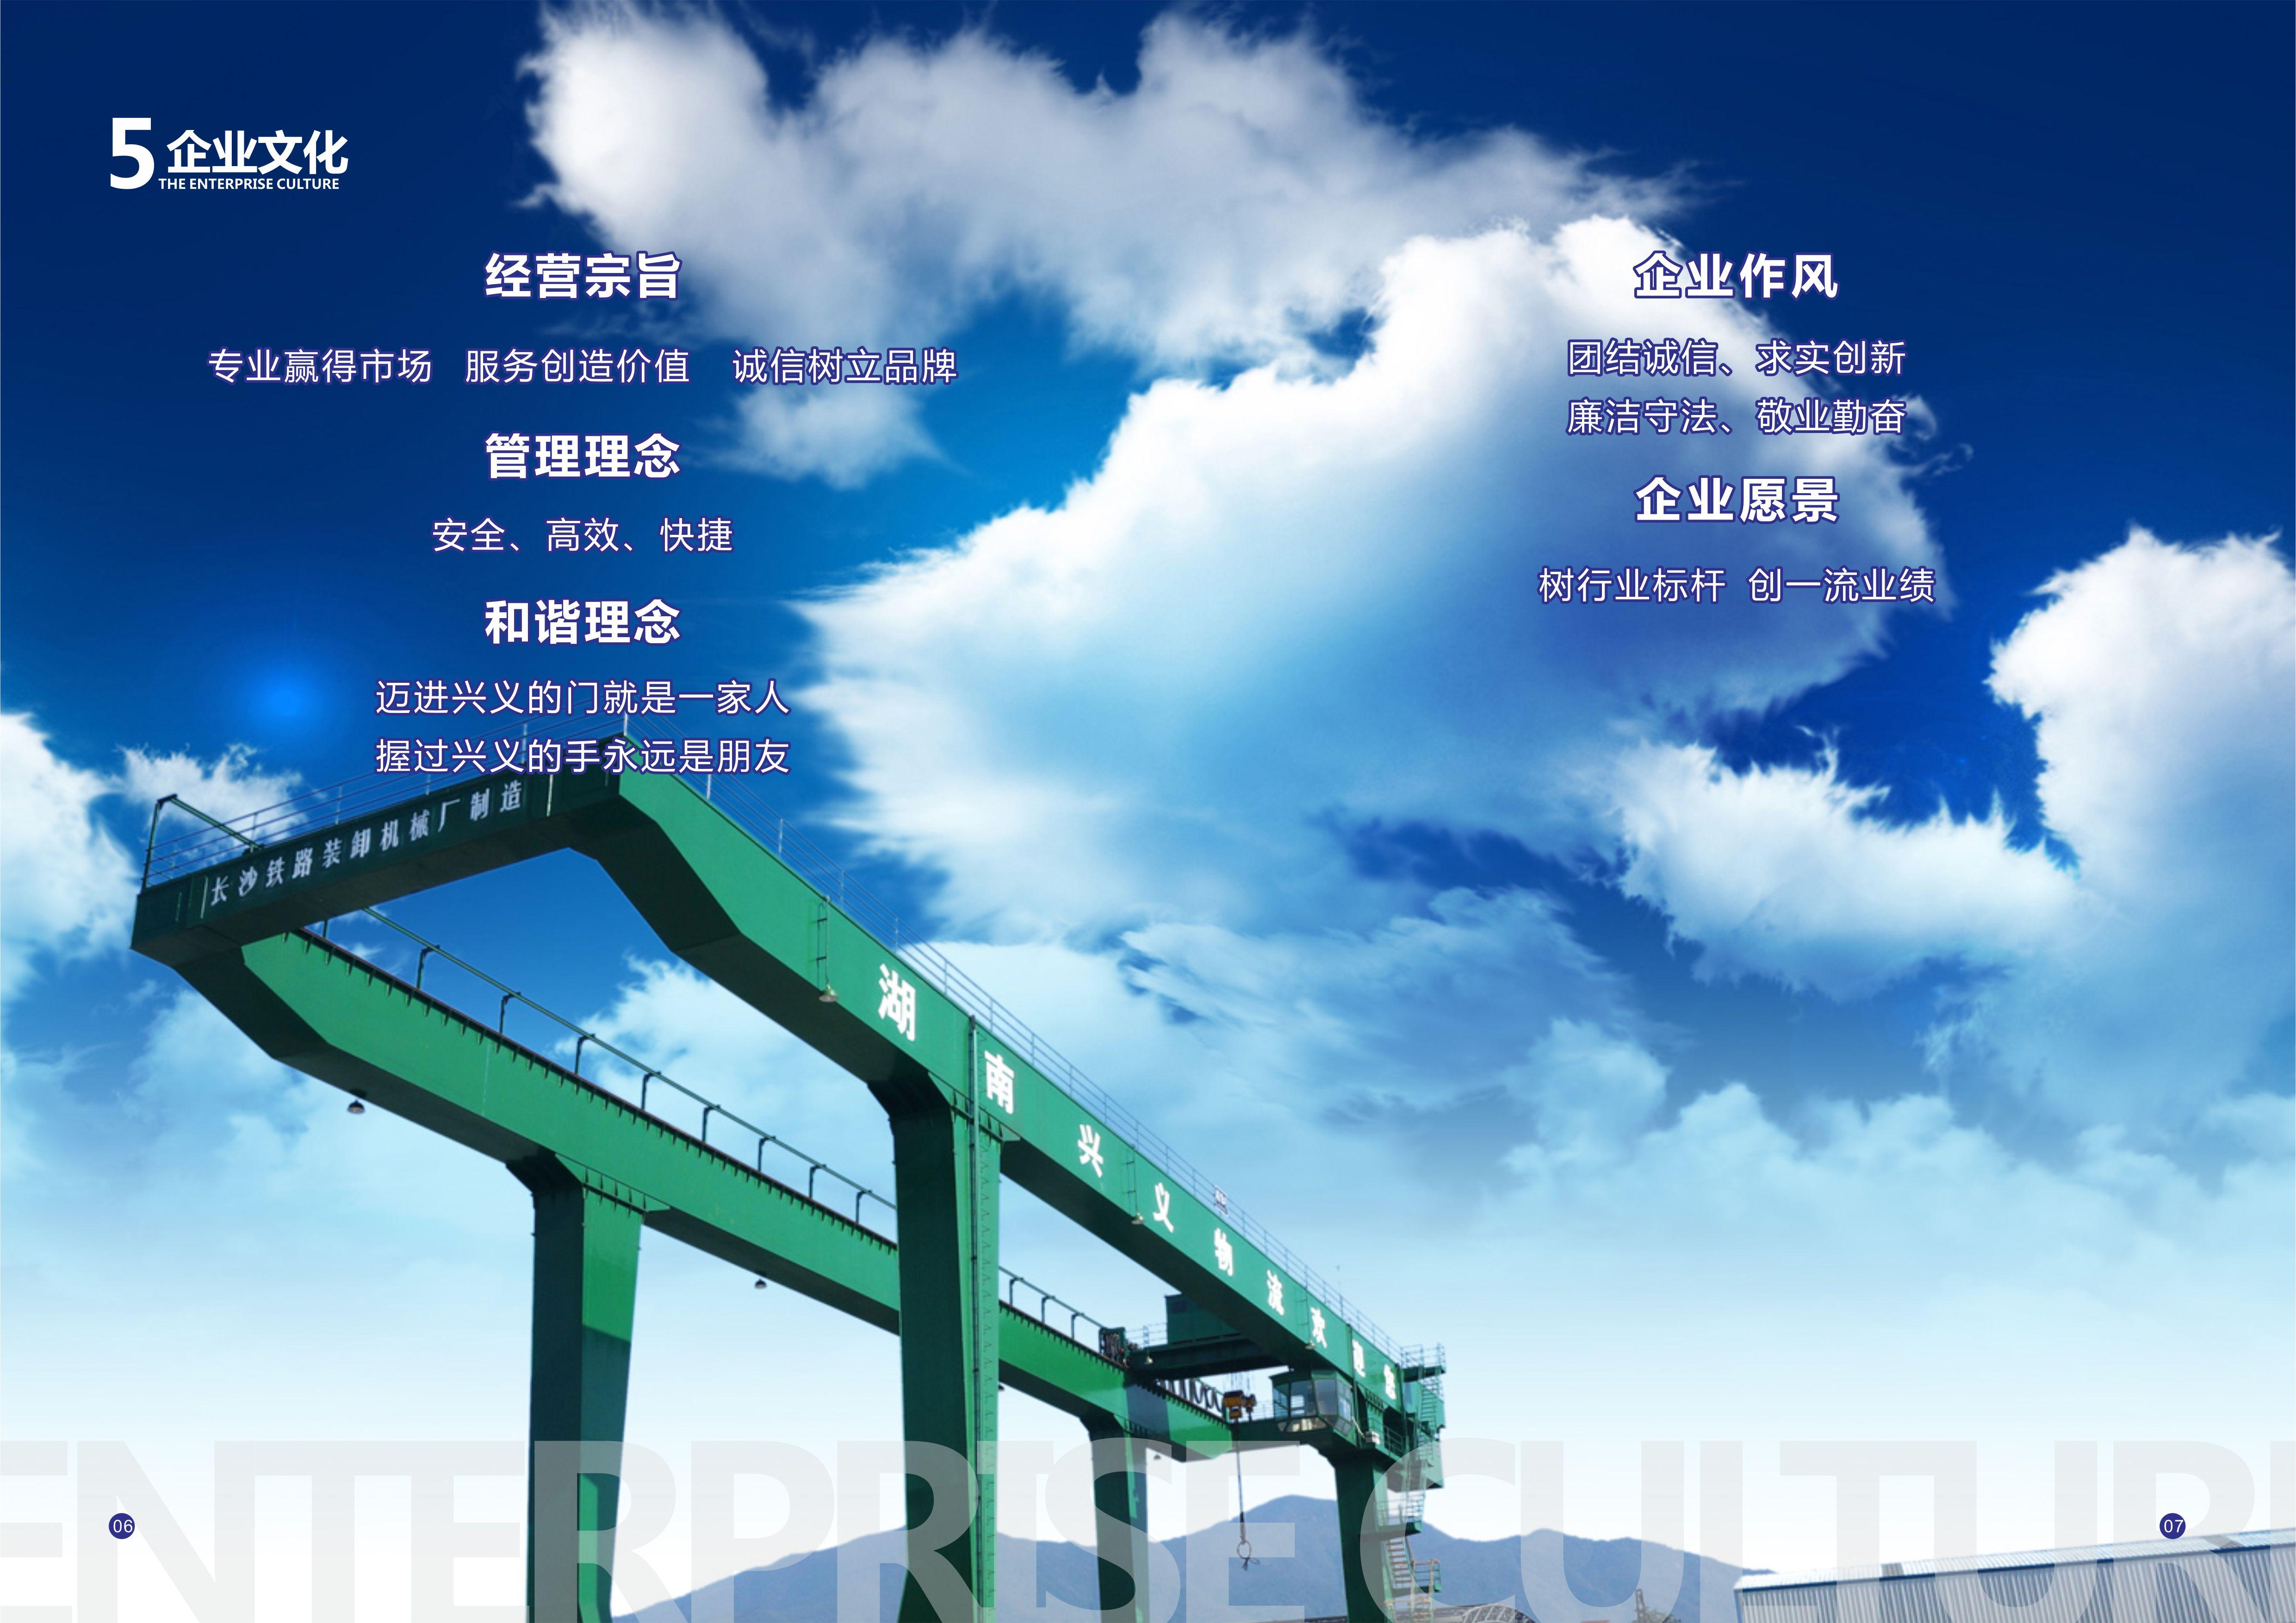 《[铁路物流3PL企业推荐]湖南兴义物流有效公司》